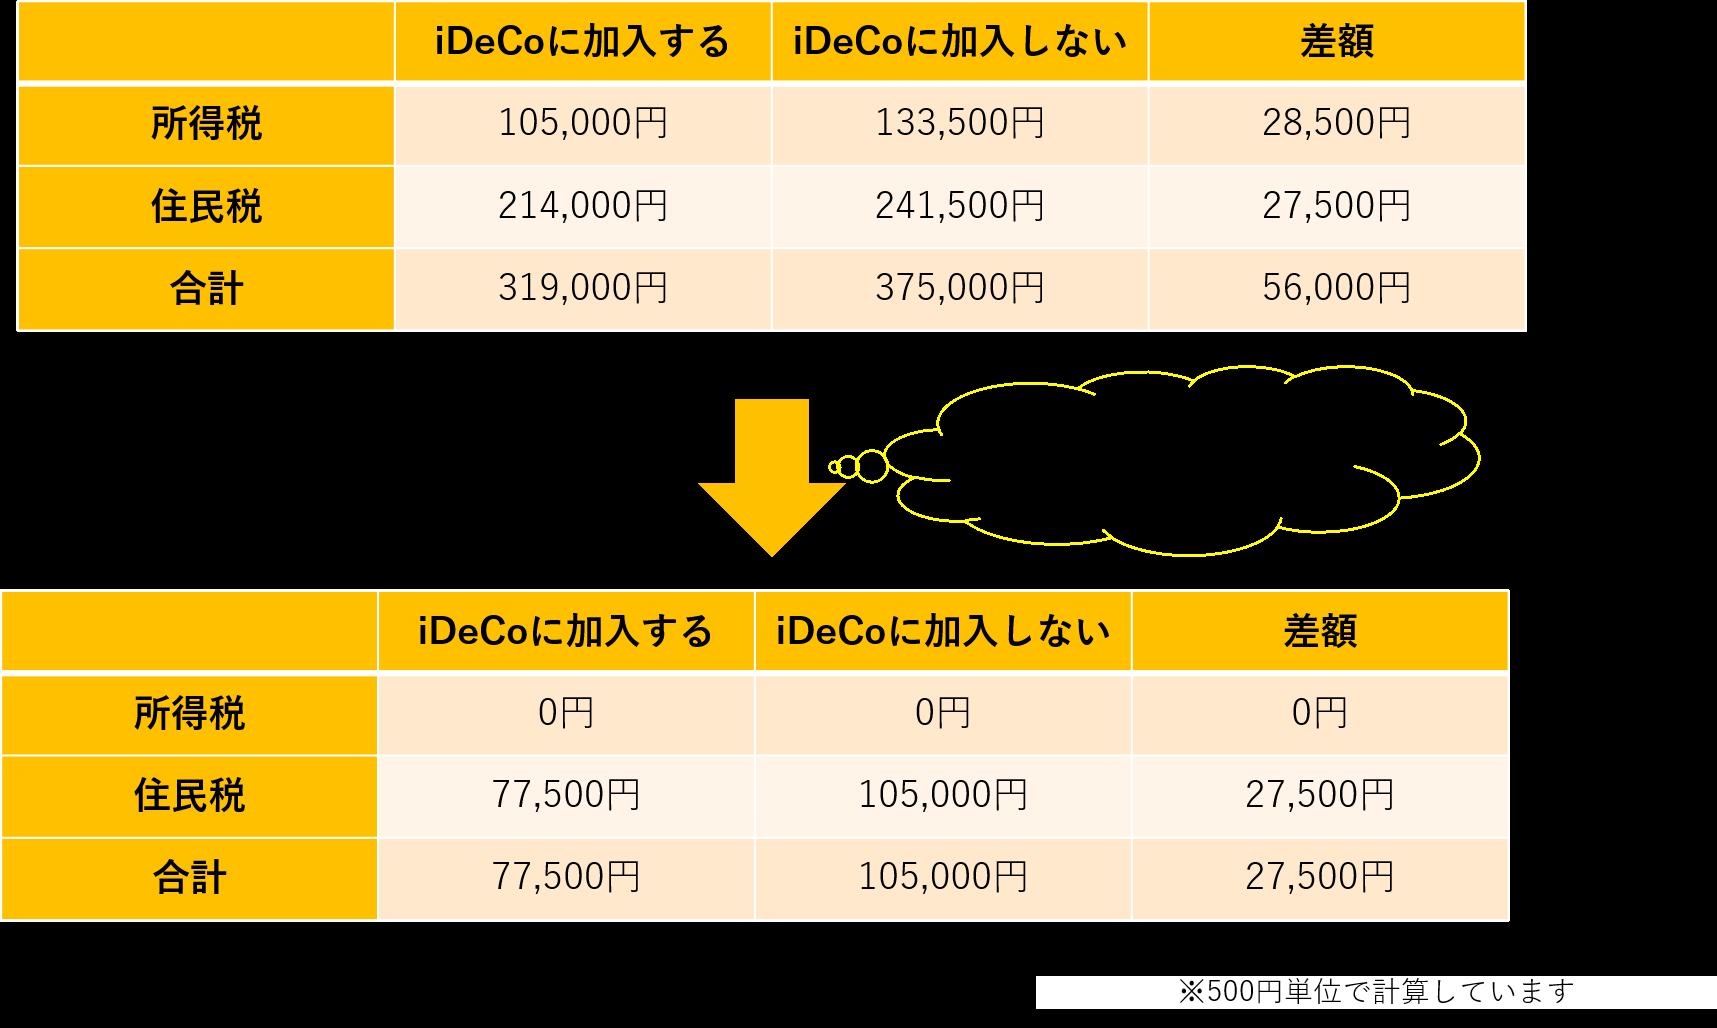 住宅ローン30万のiDeCo比較